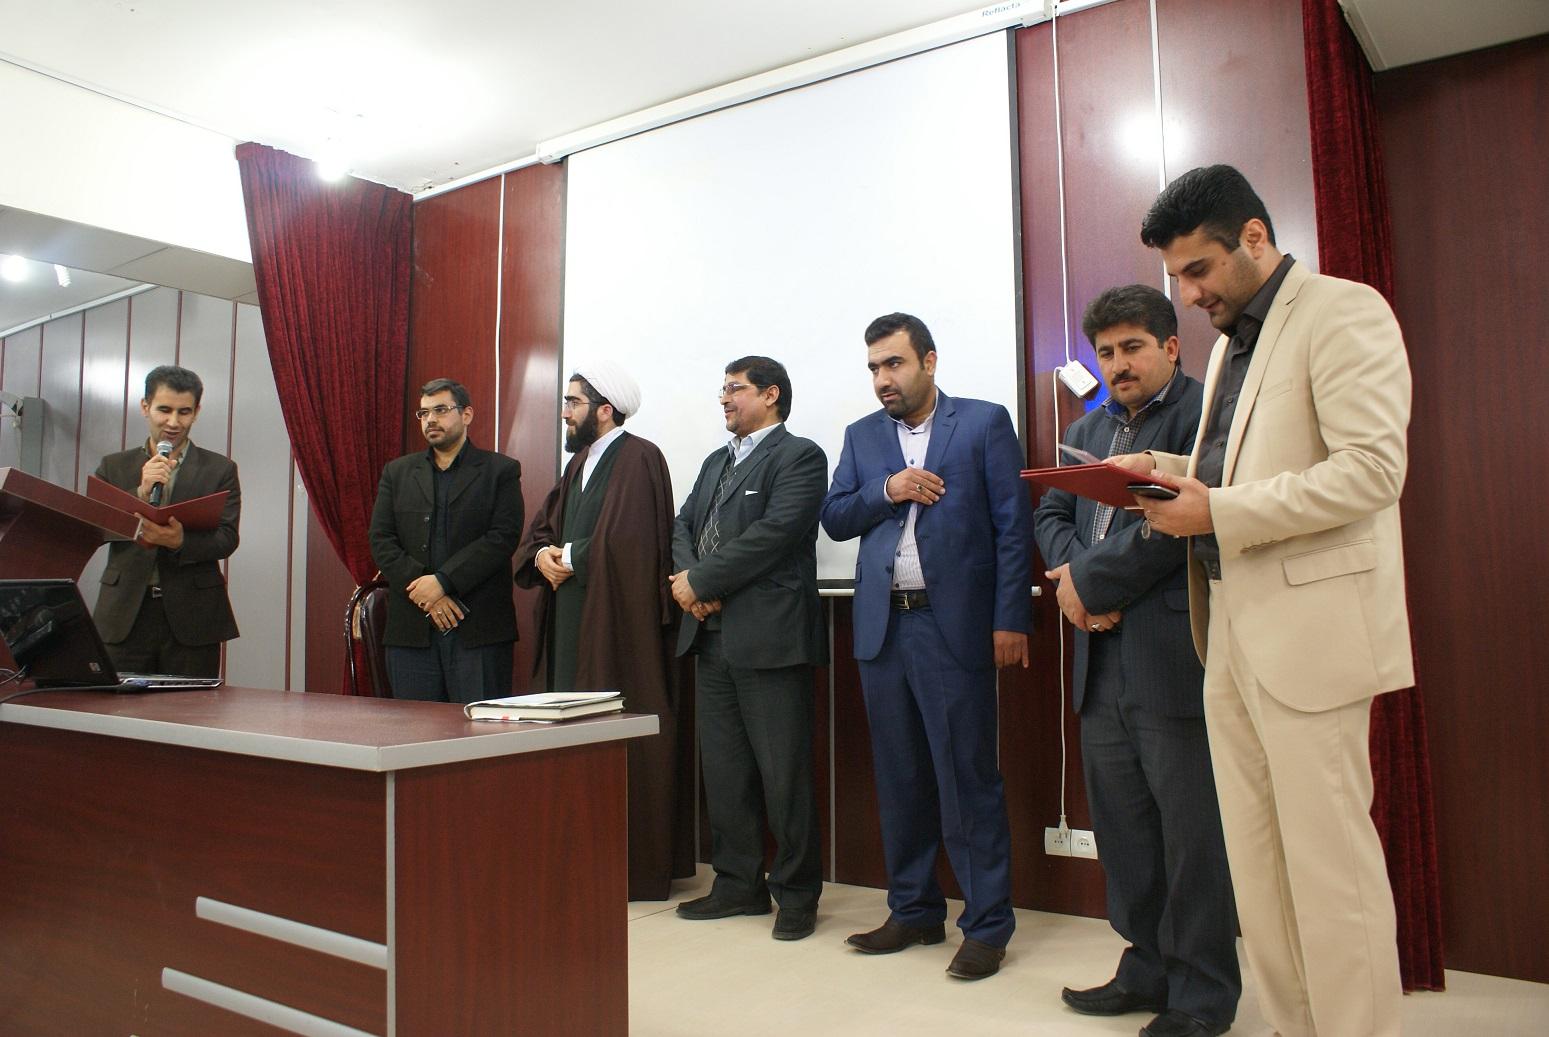 مراسم تودیع و معارفه ریاست دانشگاه پیام نور ایذه + تصاویر